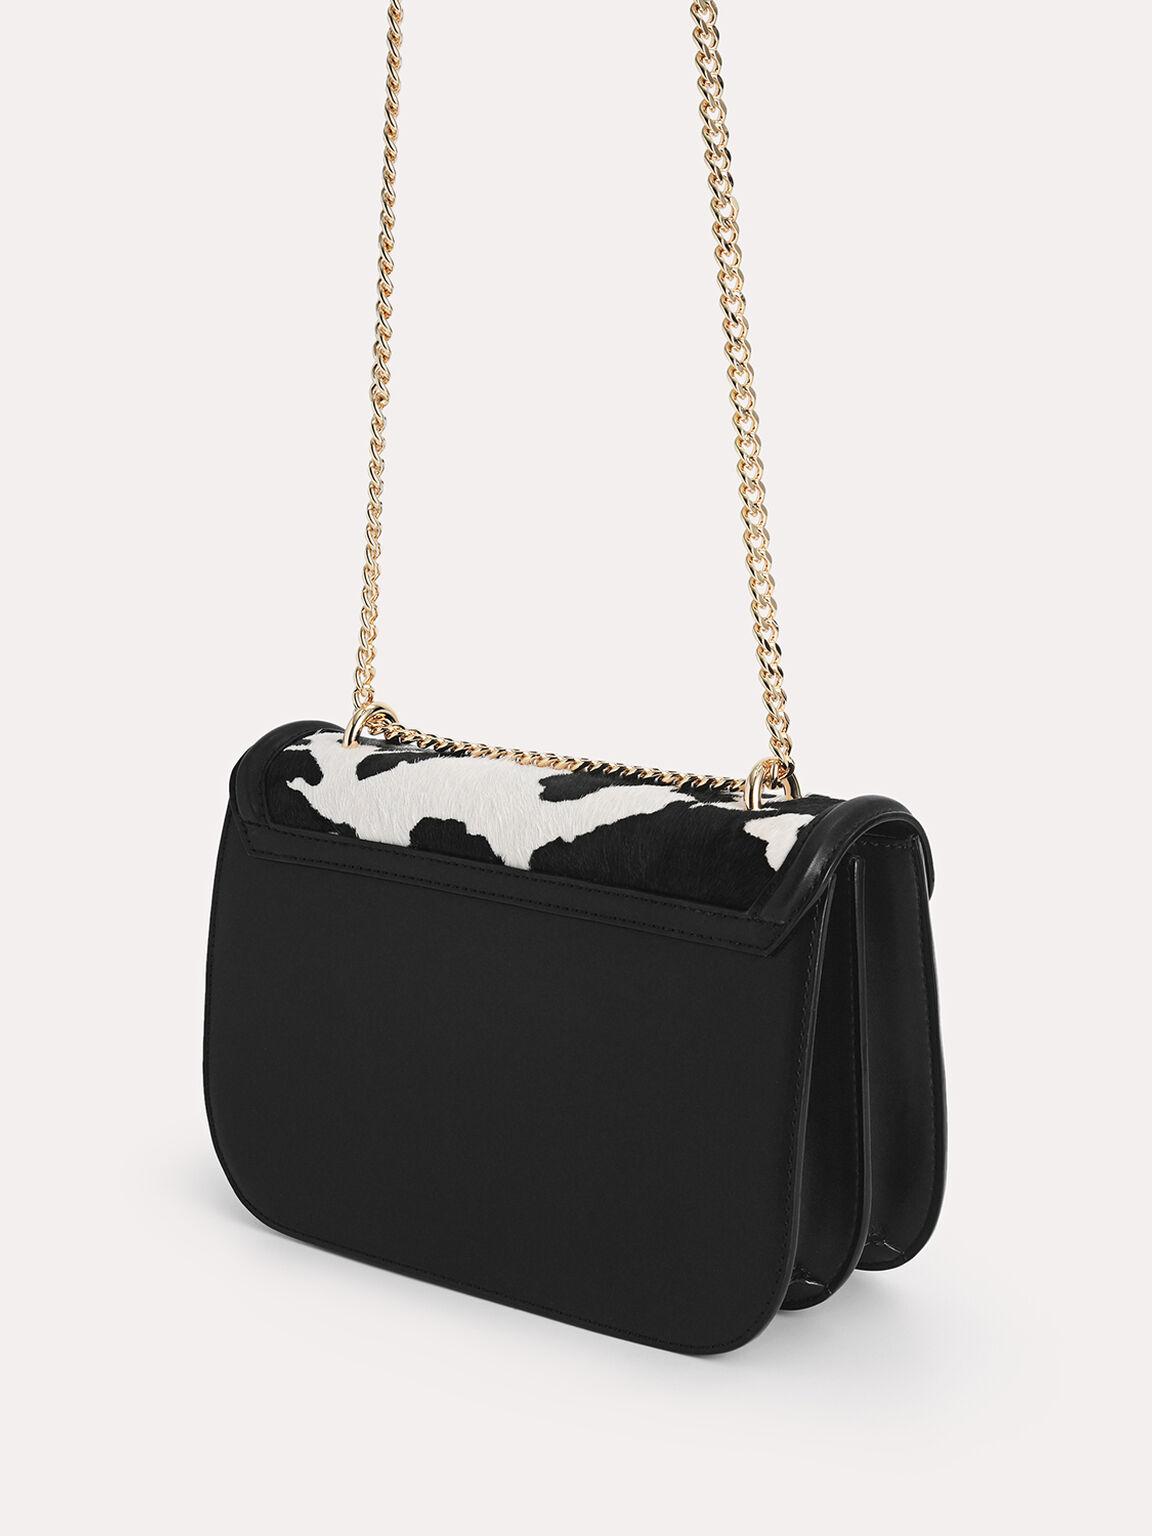 Cow-Printed Leather Shoulder Bag, Multi, hi-res